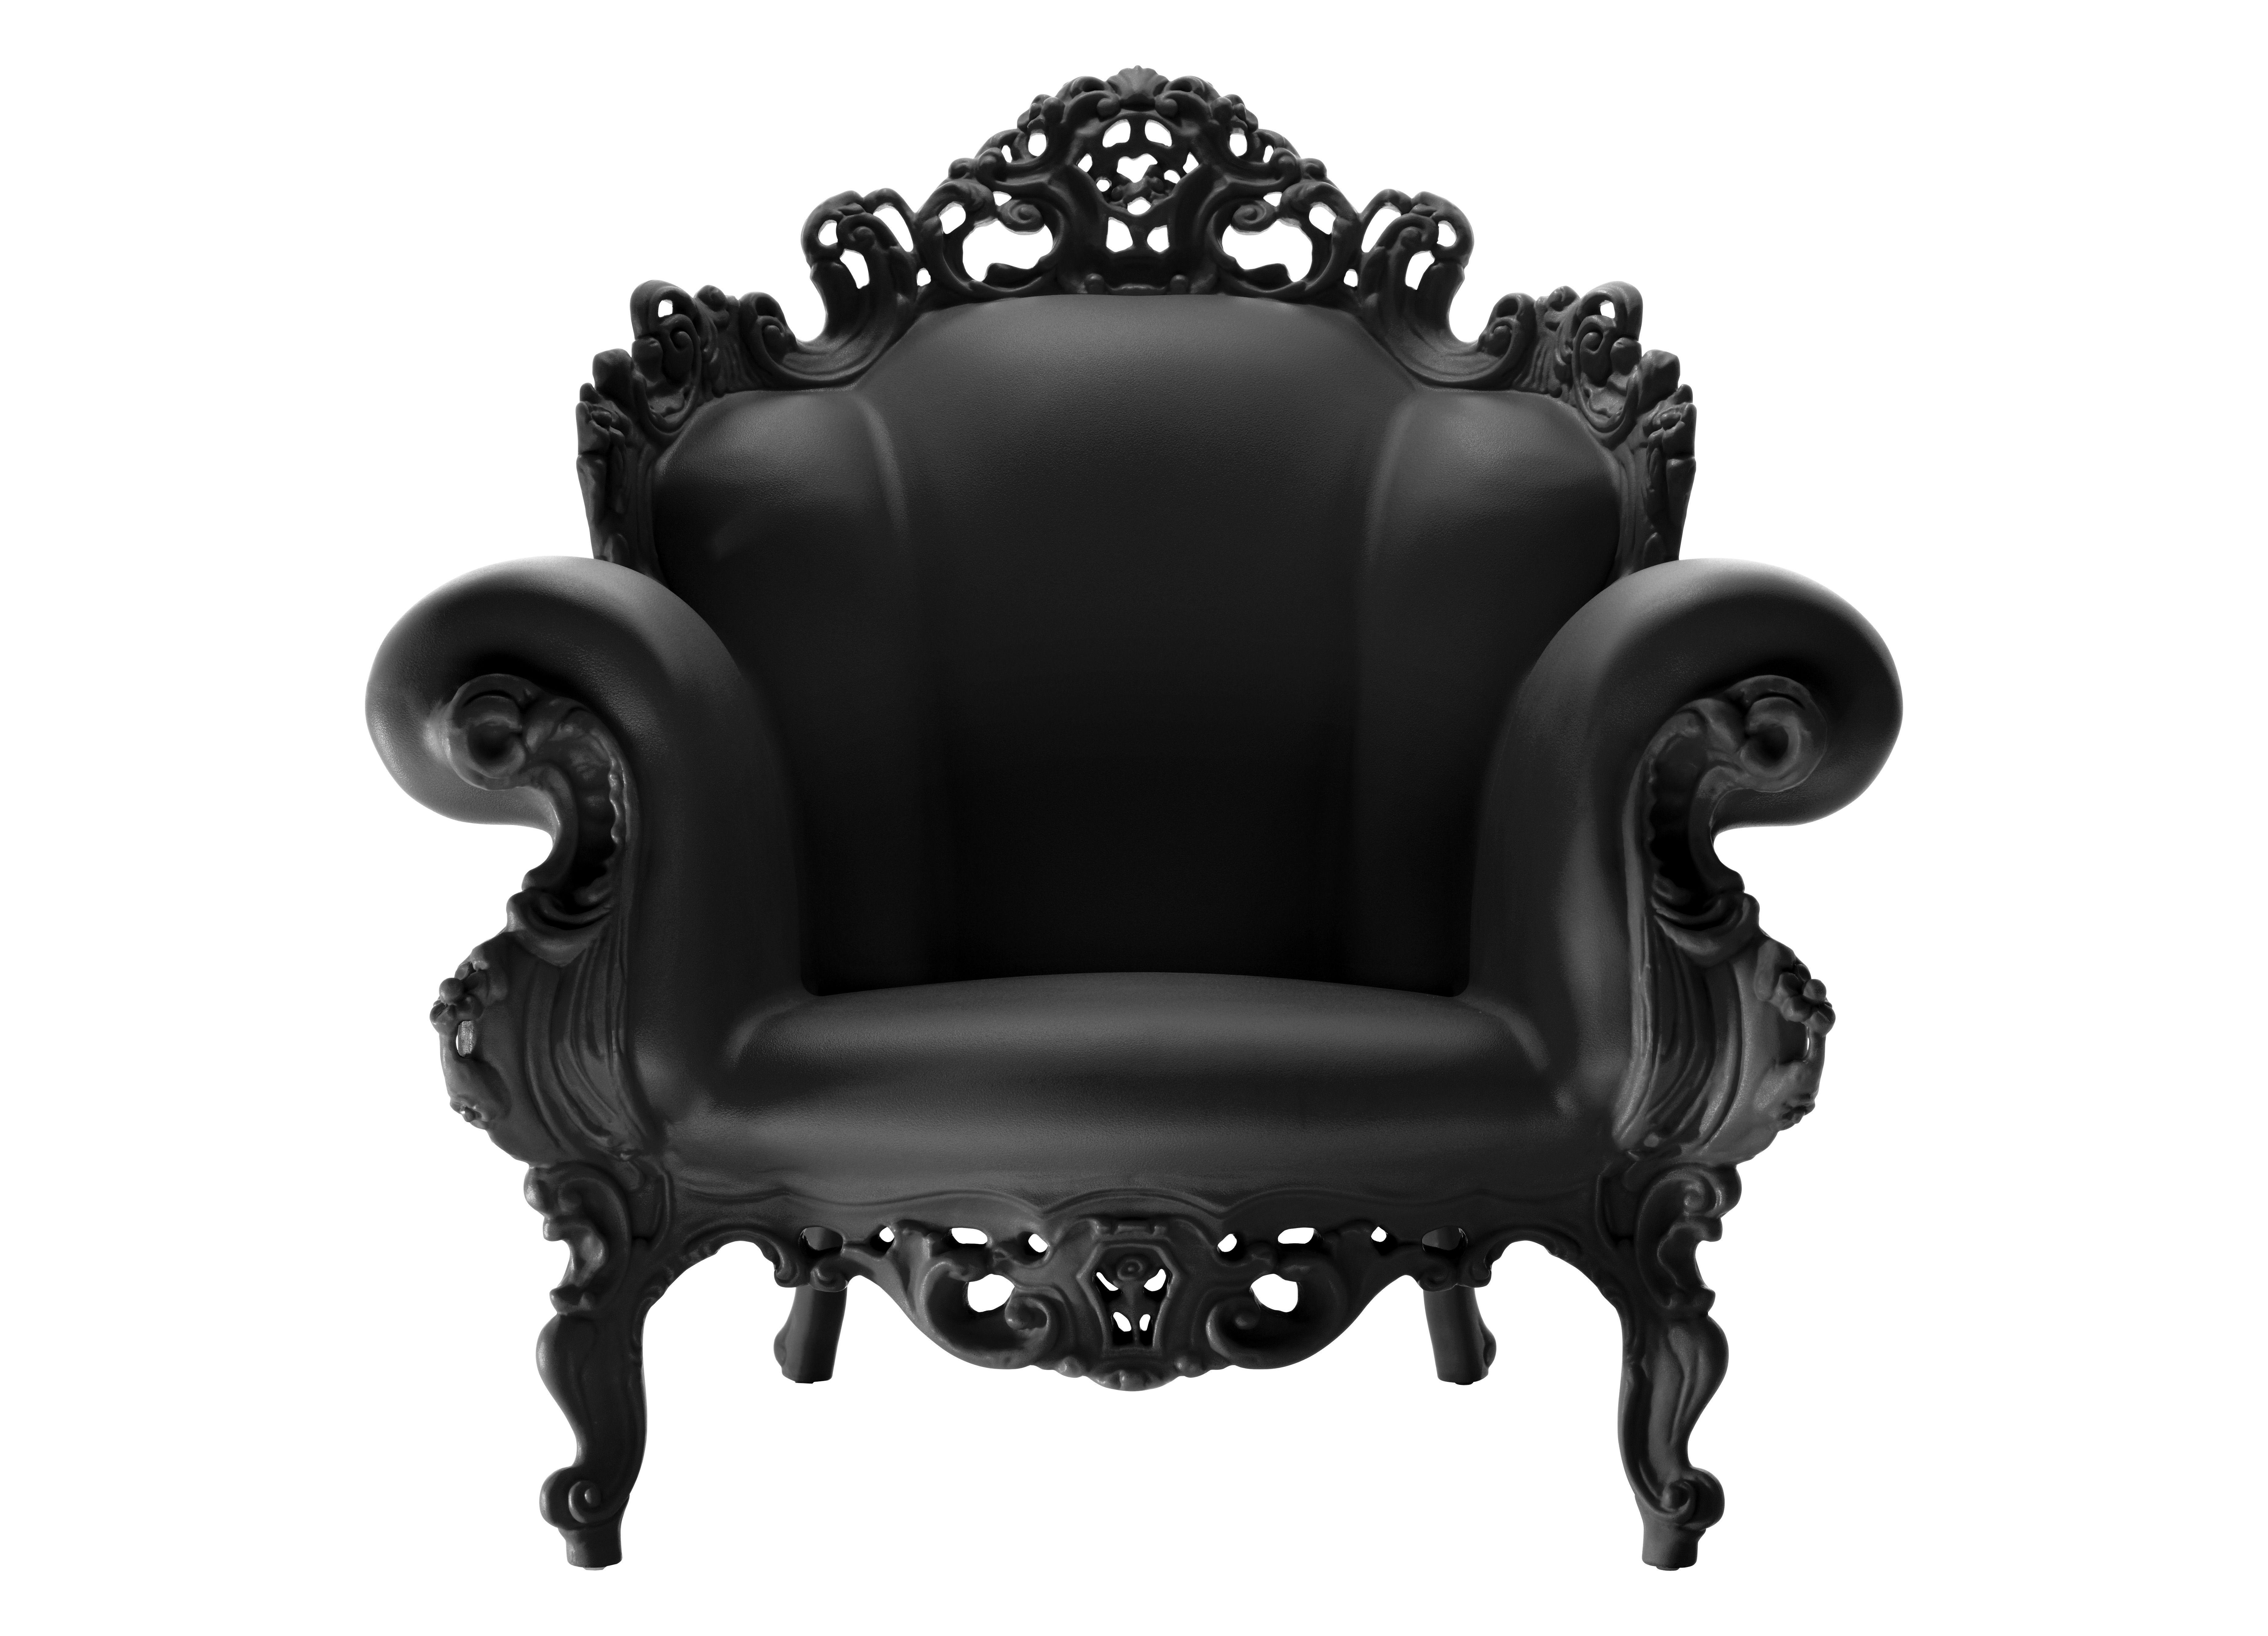 Fauteuil Magis Proust fauteuils Pinterest